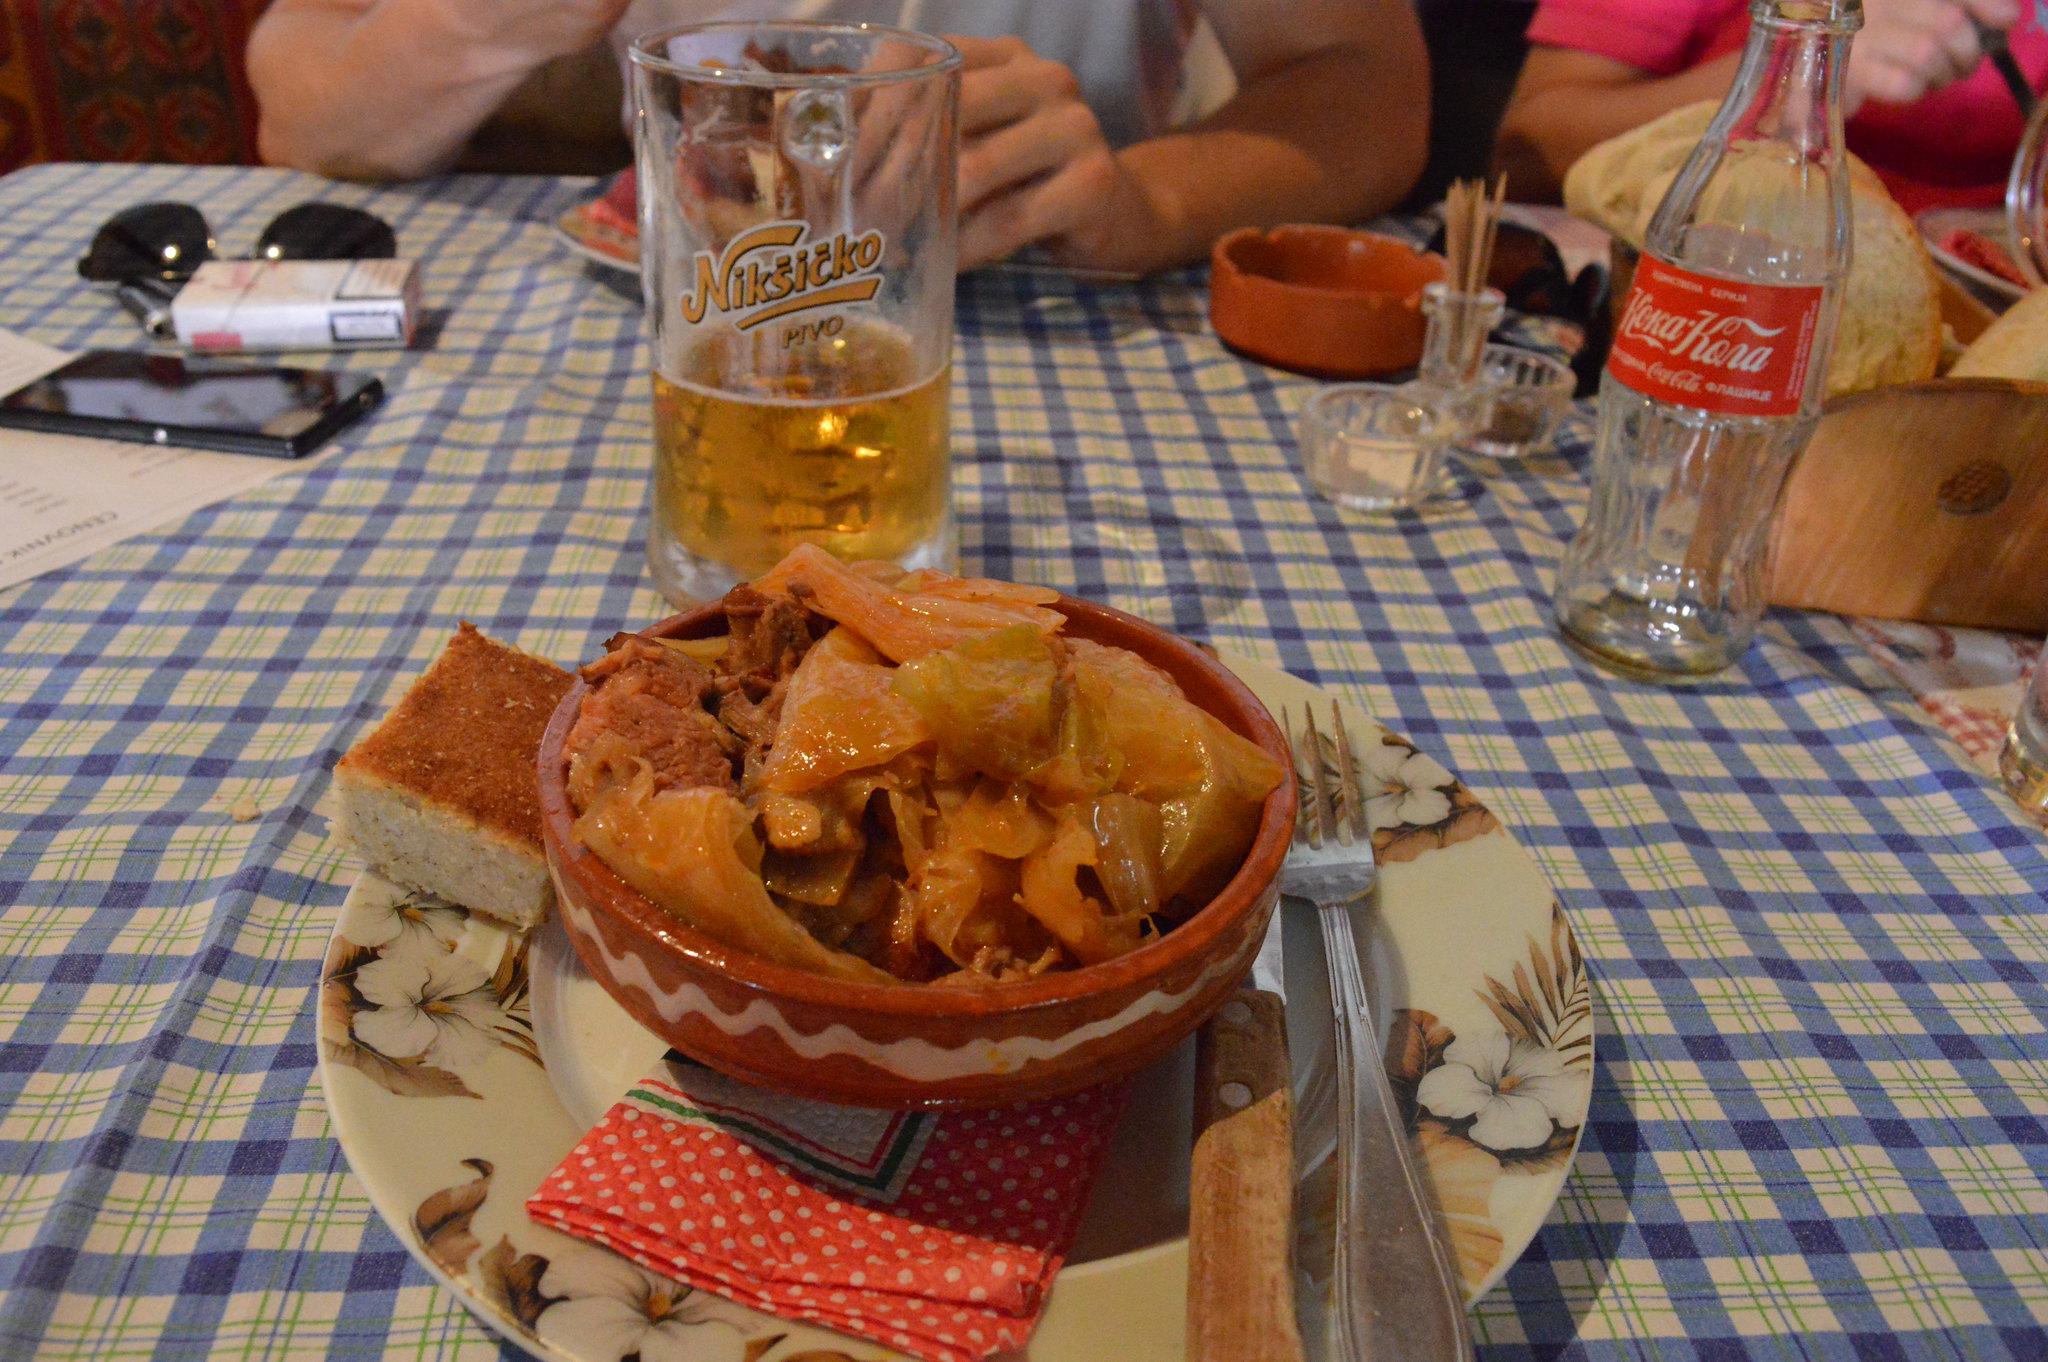 Svadbarski Kupus, Serbian food, Serbian cuisine, food in Serbia, Serbian dishes, traditional food in Serbia